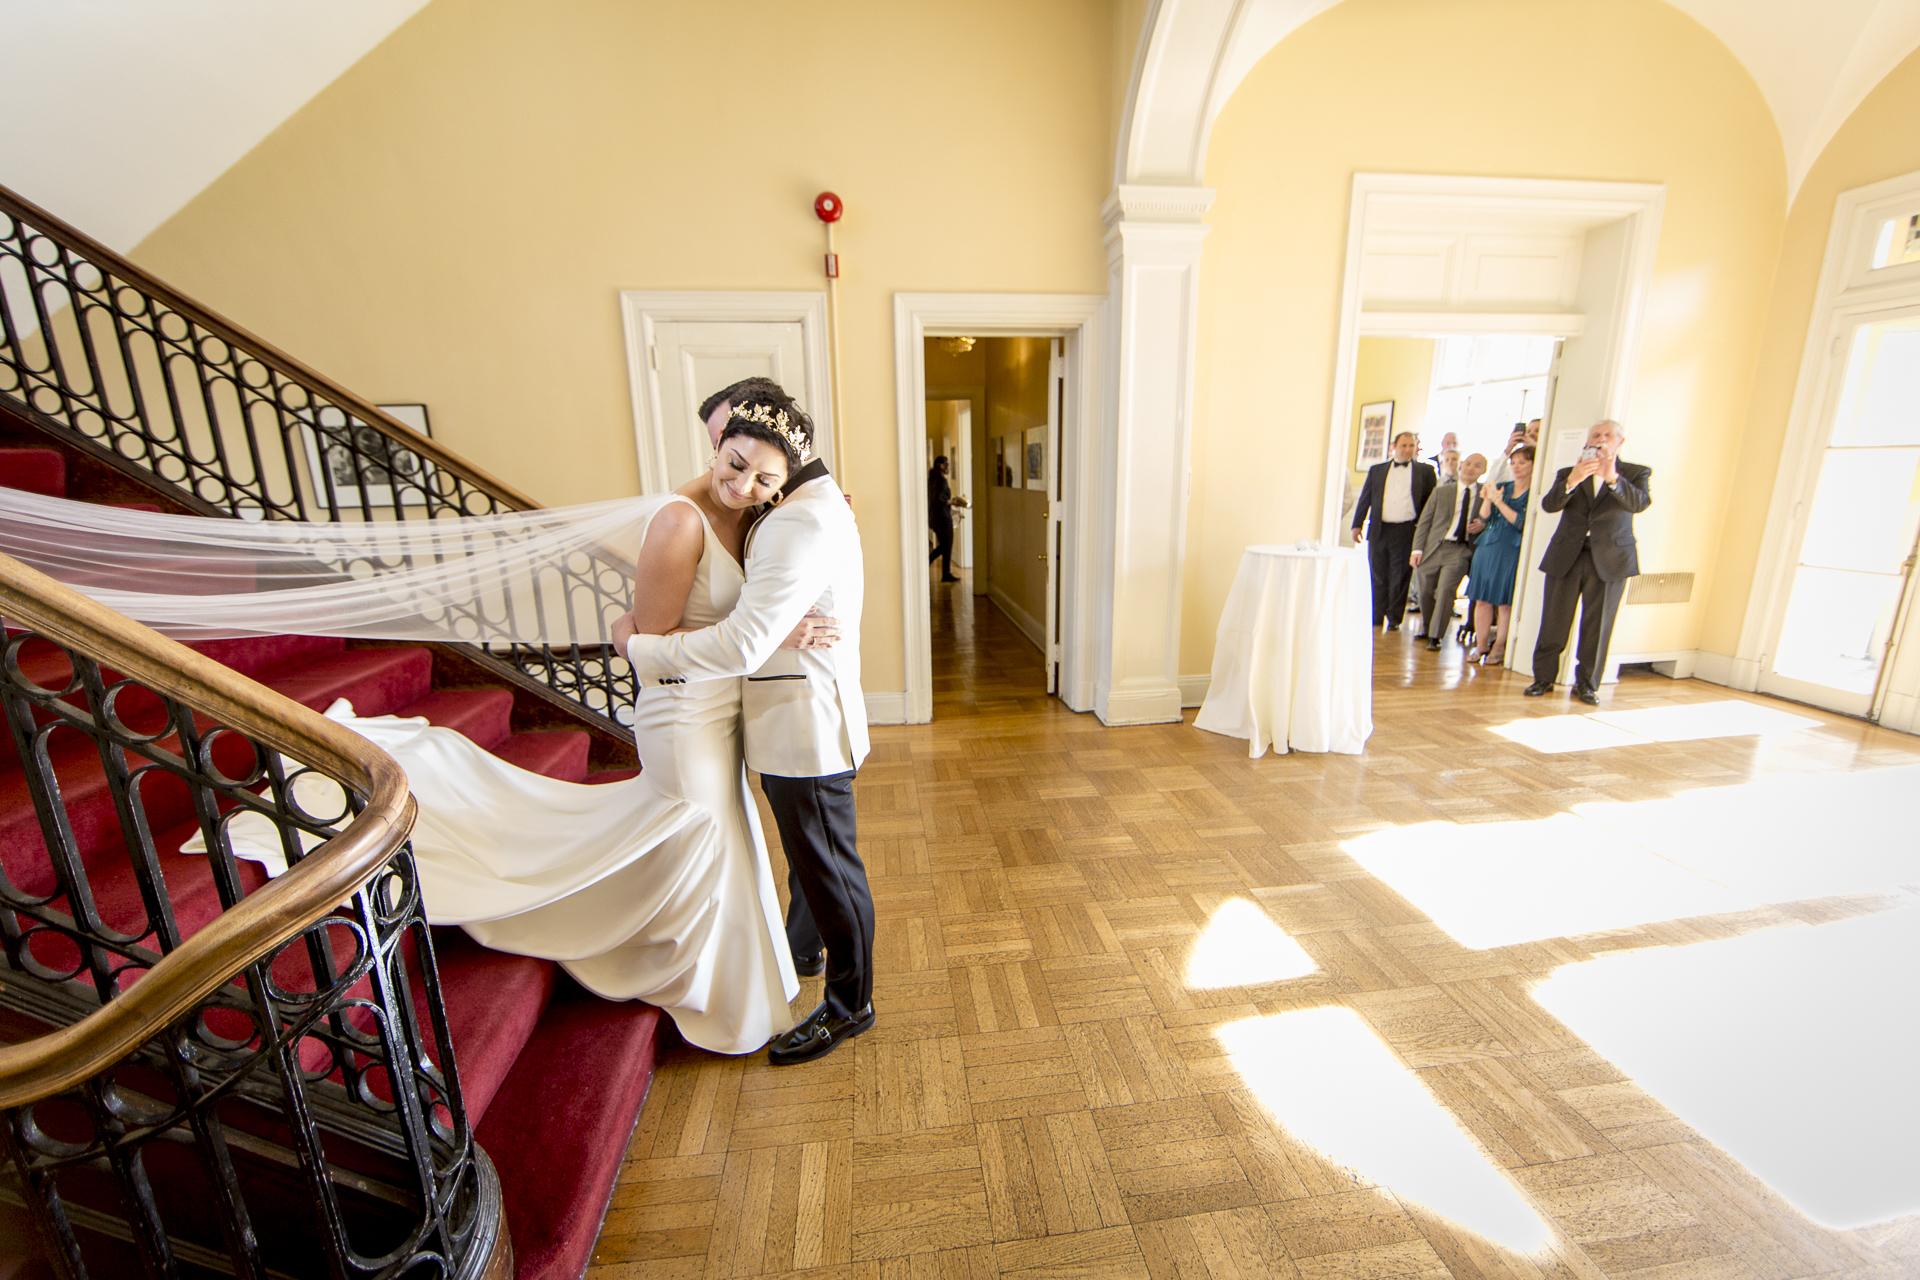 De bruid en bruidegom kunnen prachtig intieme momenten hebben die krachtig zijn - Wedding Photography of Romance